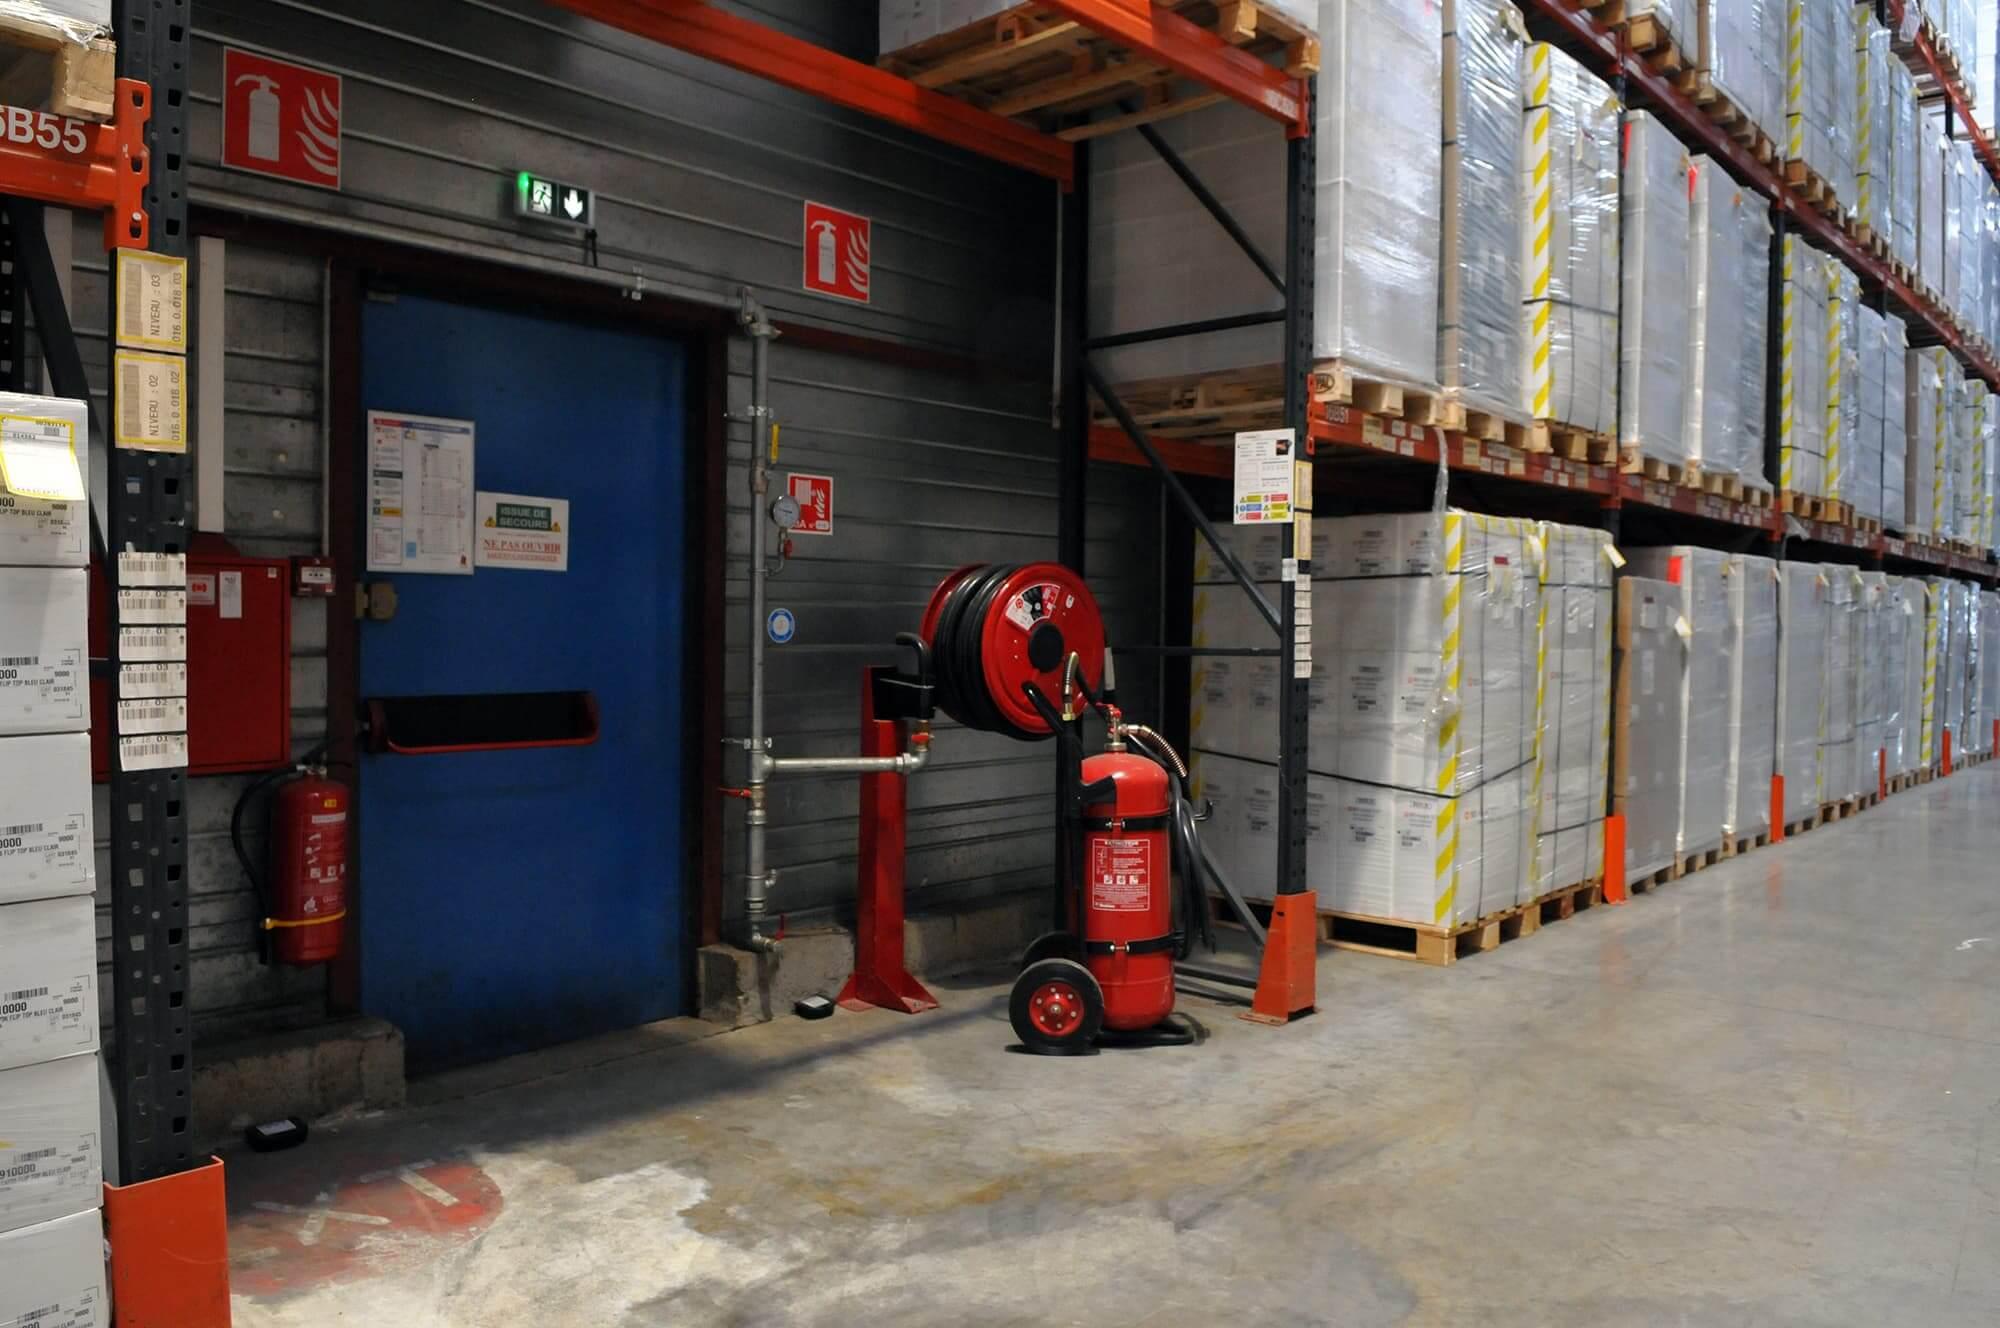 extincteur - sécurité incendie - entrepot logistique - protection incendie